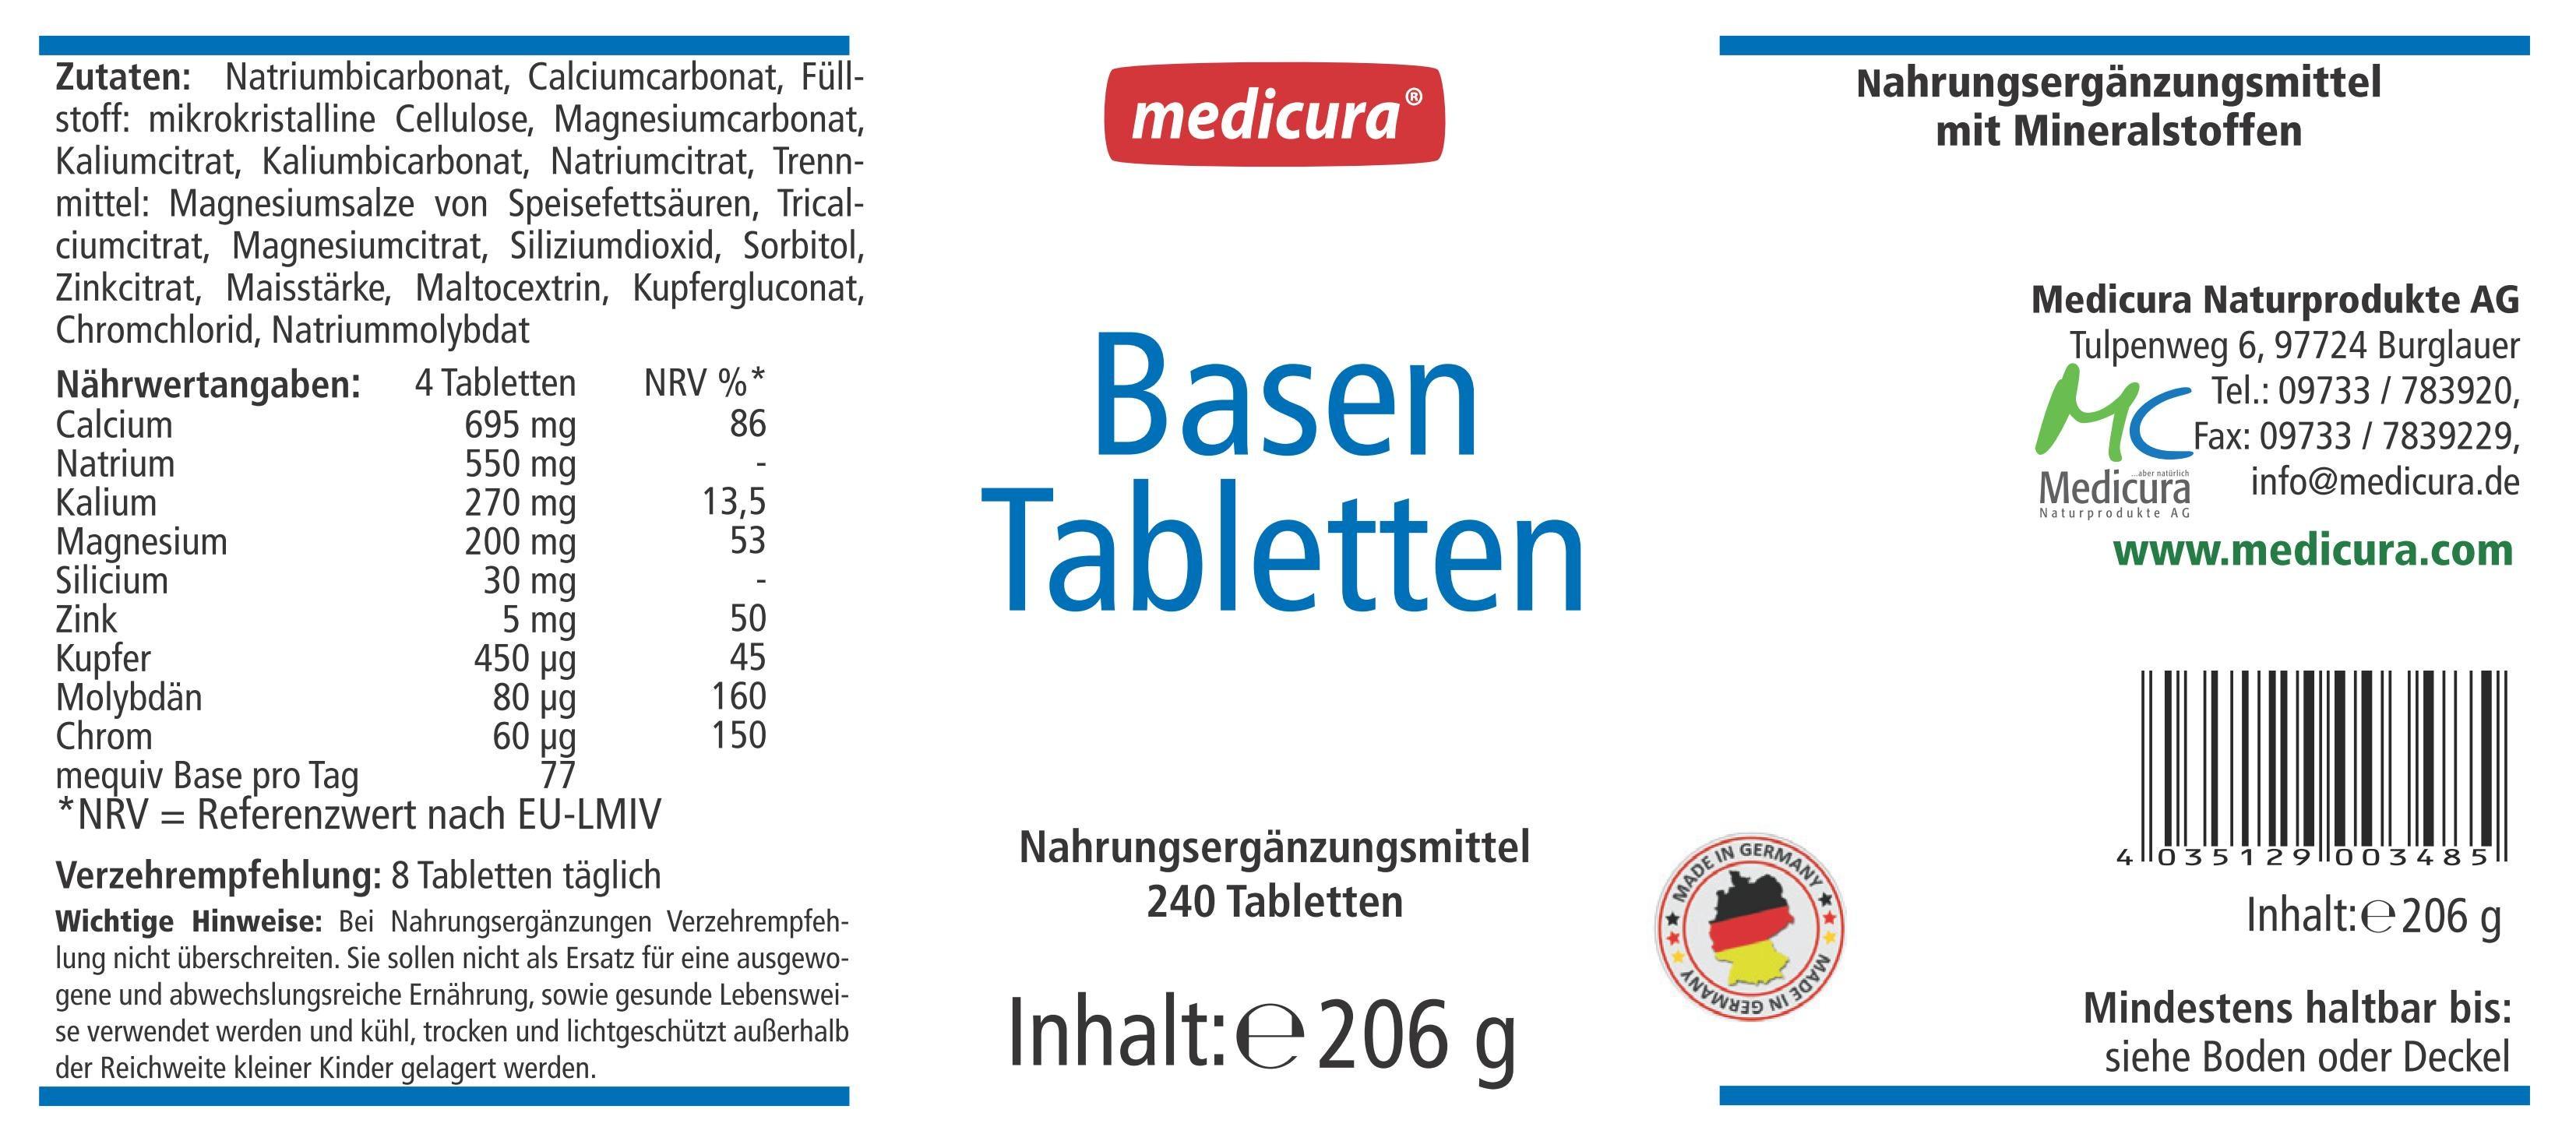 Säure Basen Tabletten (hochkonzentriert) - 240 Tabletten